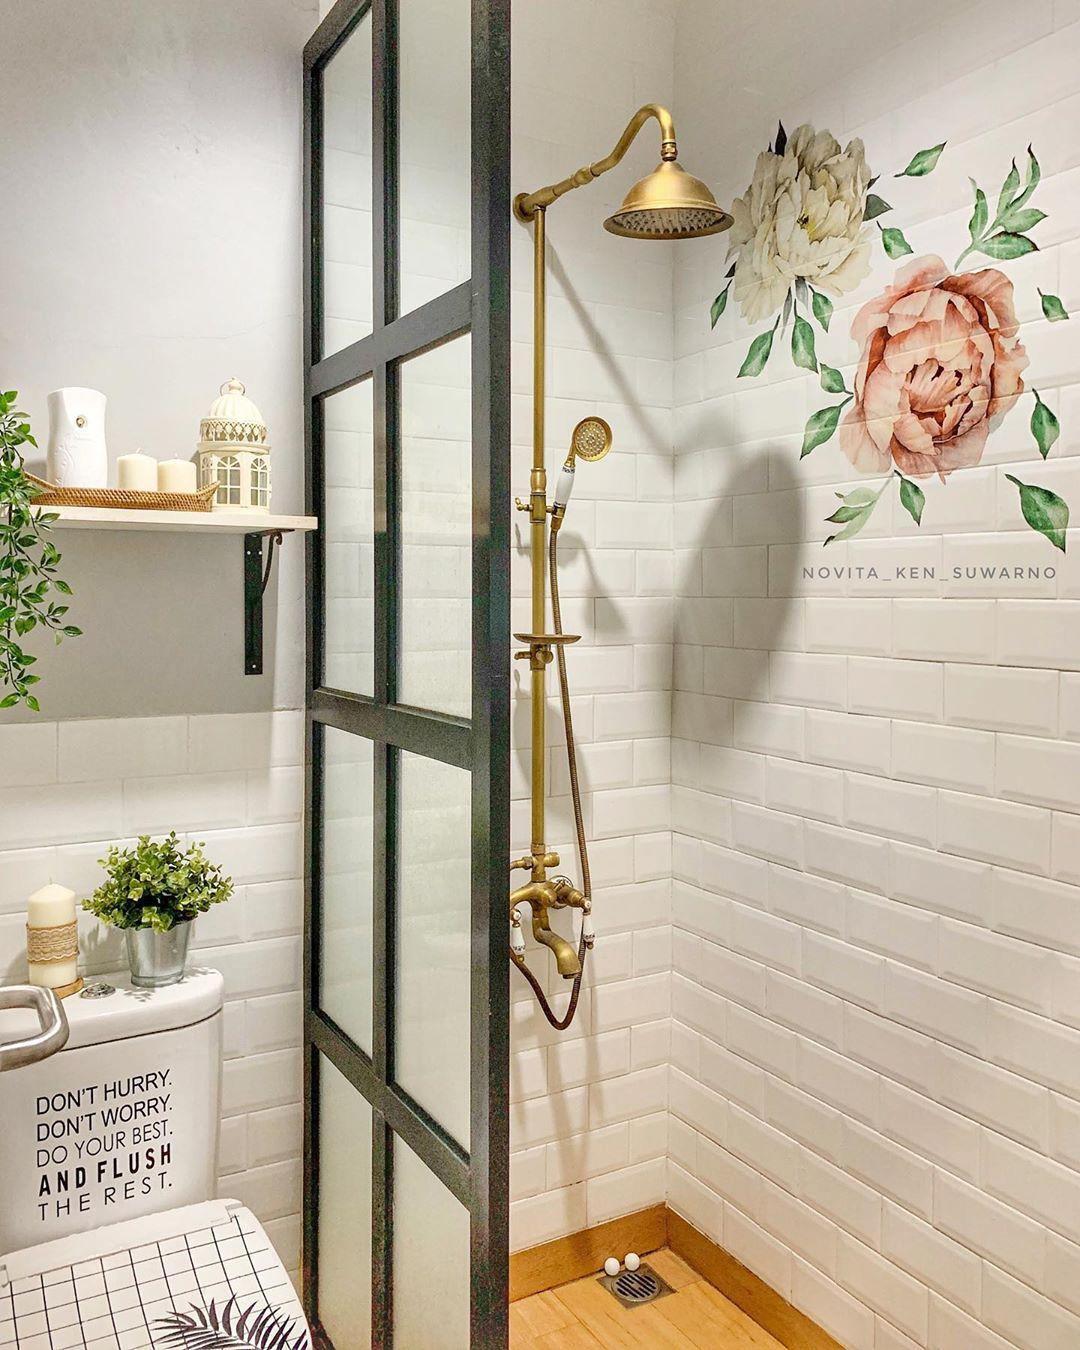 Desain Interior Kamar Mandi Minimalis dengan Nordic Style ...